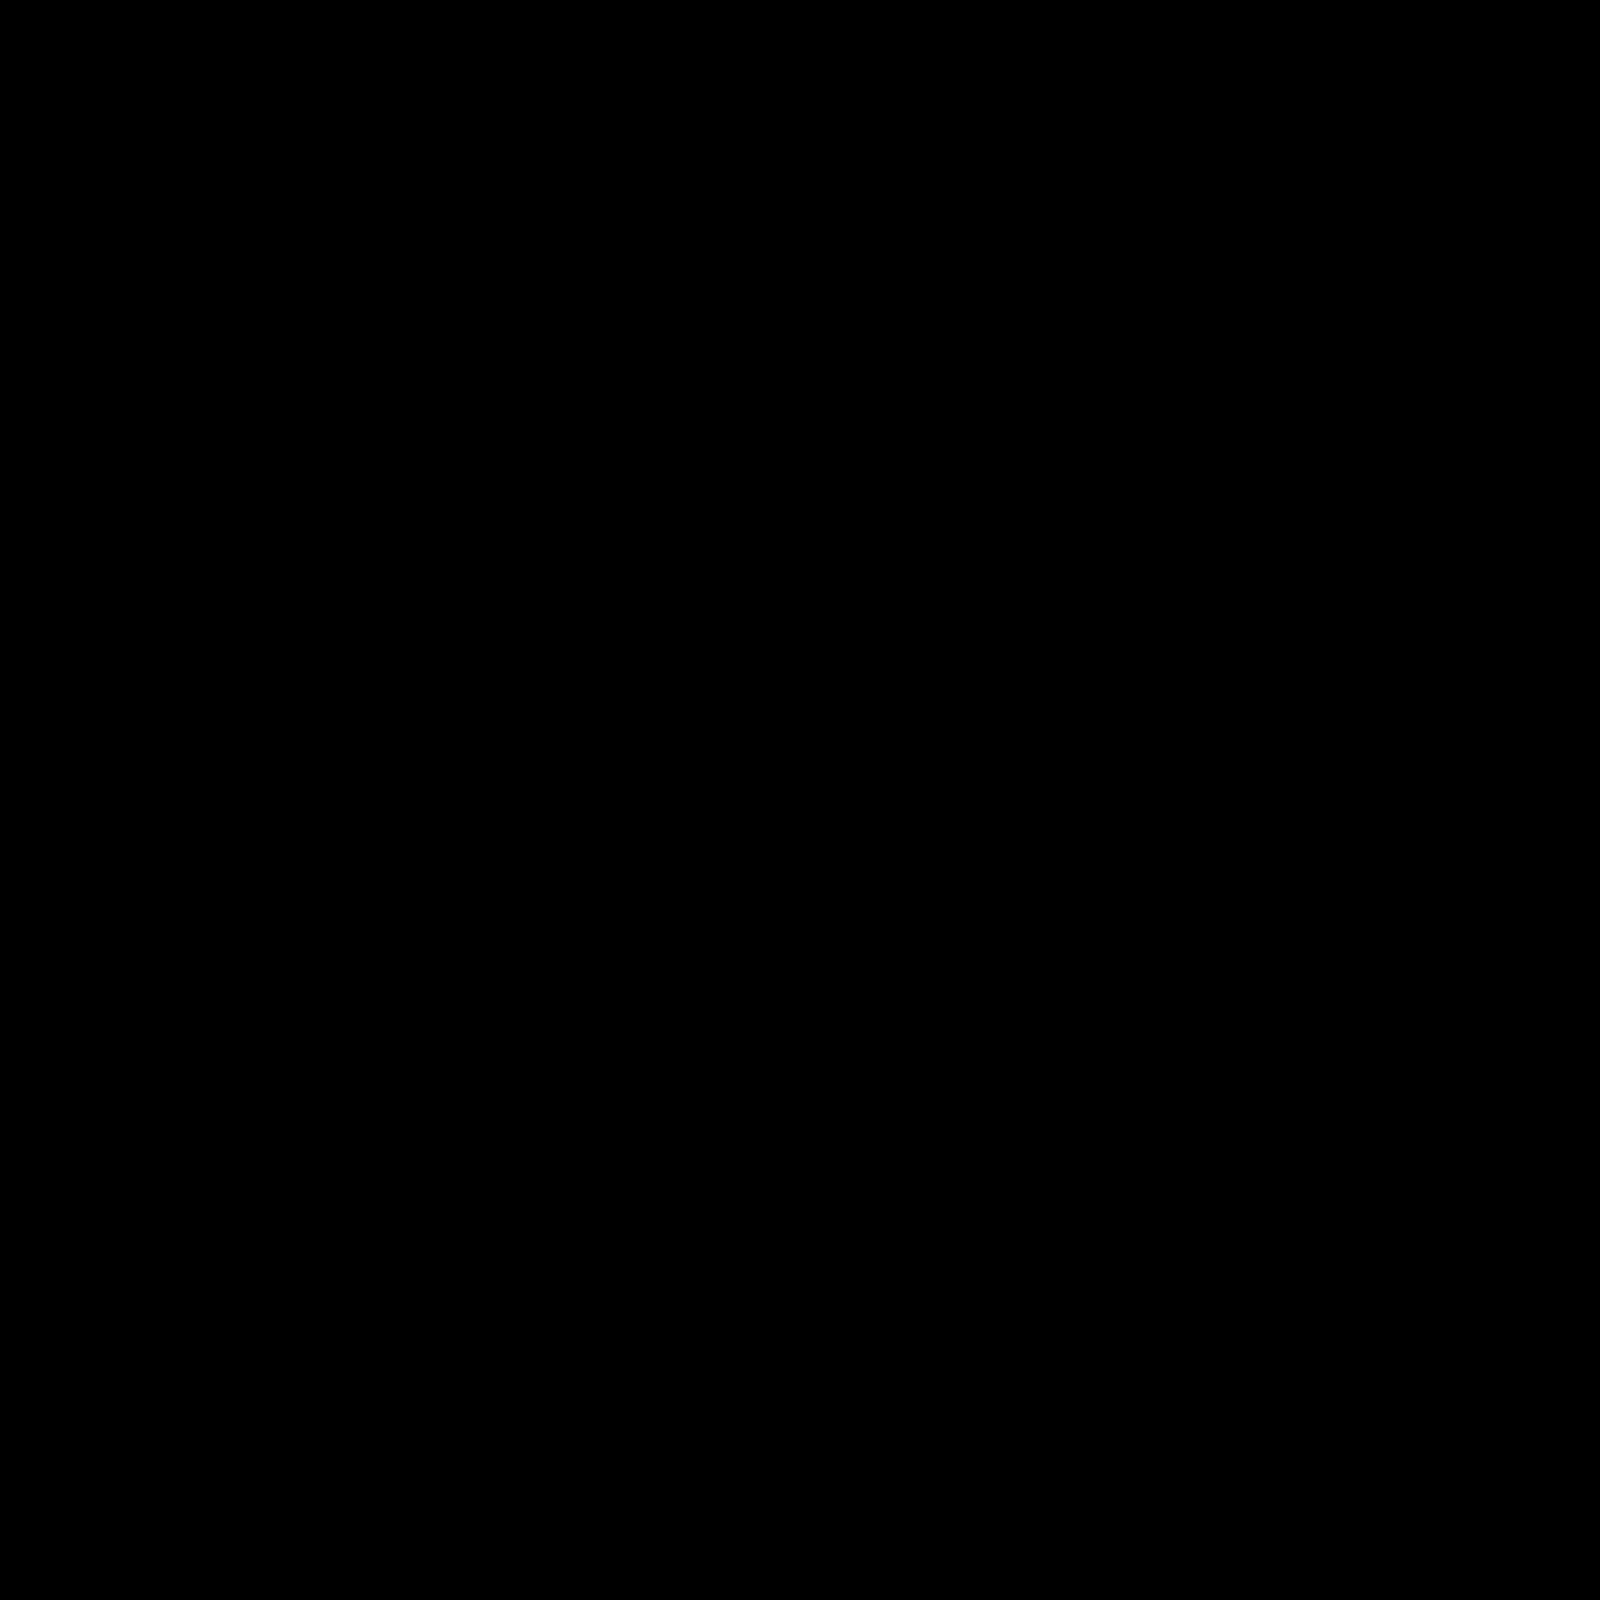 Японский нож icon